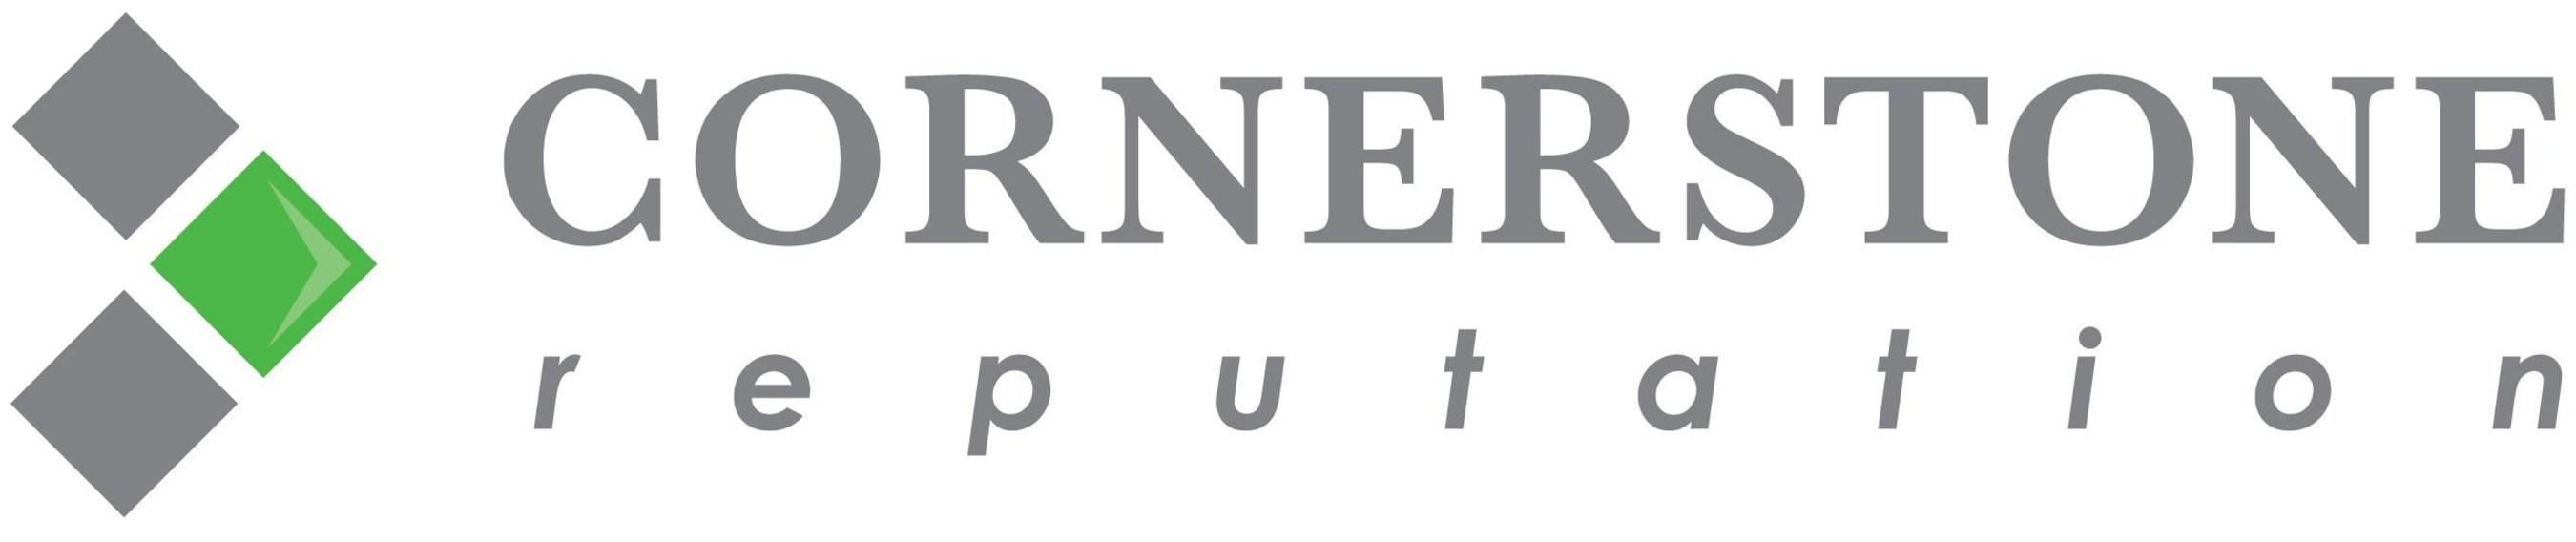 Cornerstone Reputation Logo